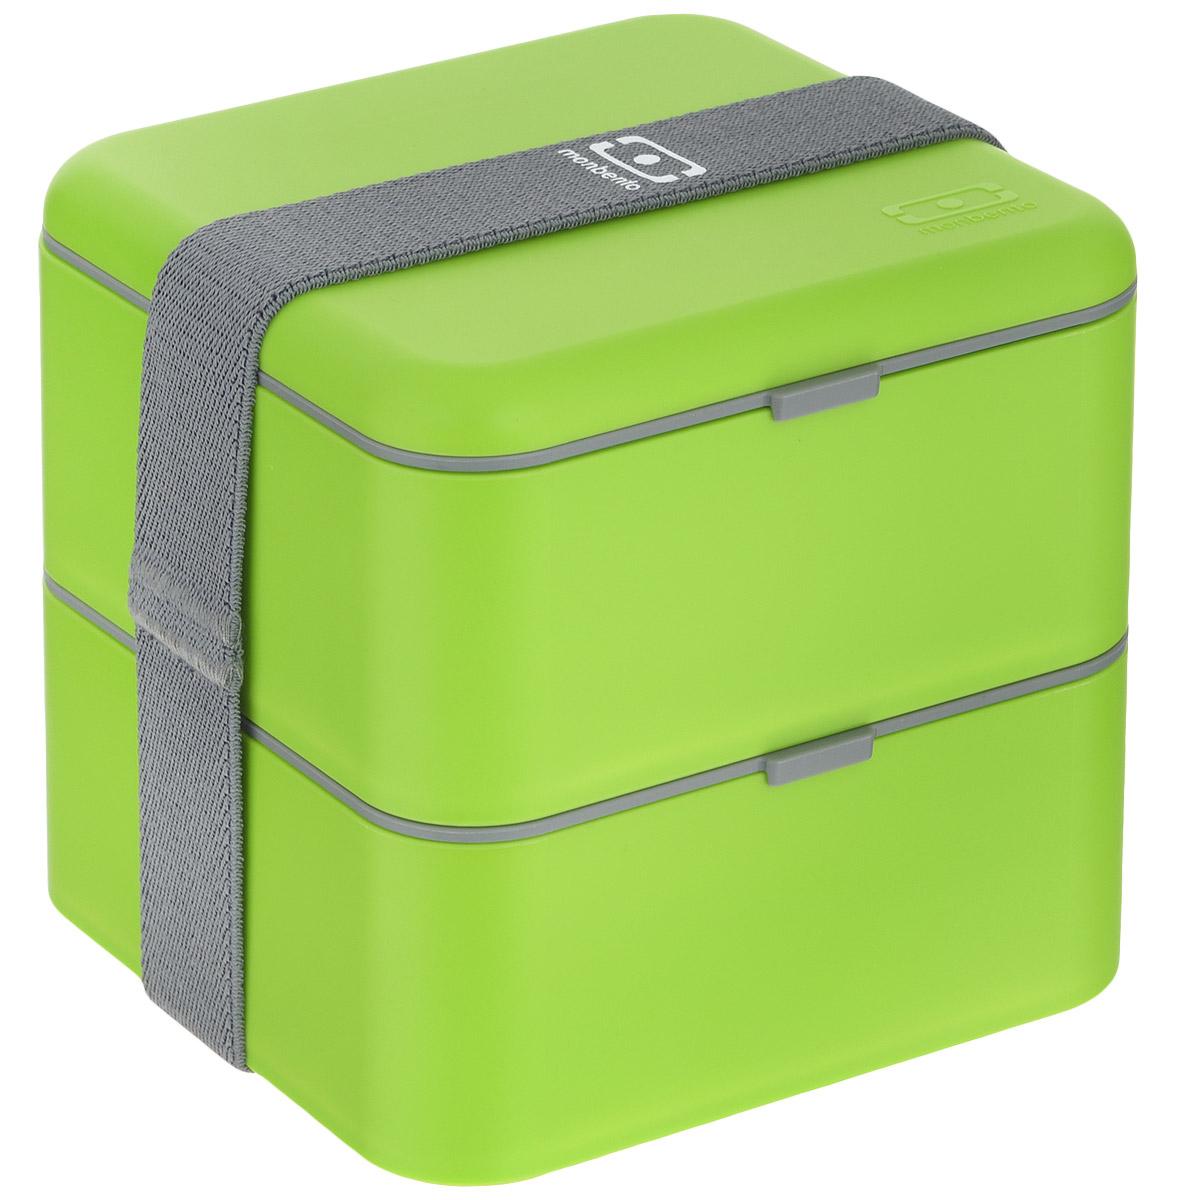 Ланчбокс Monbento Square, цвет: зеленый, 1,7 лVT-1520(SR)Ланчбокс Monbento Square изготовлен из высококачественного пищевого пластика. Предназначен для хранения и переноски пищевых продуктов в больших порциях: подходит для салатов, бутербродов и других блюд. Ланчбокс представляет собой два квадратных контейнера, в которых удобно хранить сразу несколько видов блюд. Контейнеры вакуумные, что позволяет продуктам дольше оставаться свежими и вкусными. Контейнеры скрепляются эластичной резинкой. Компактные размеры позволят уместить ланчбокс в любой сумке. Его удобно взять с собой на работу, отдых, в поездку. Теперь любимая домашняя еда всегда будет под рукой, а яркий дизайн поднимет настроение и подарит заряд позитива. Можно использовать в микроволновой печи и для хранения пищи в холодильнике, можно мыть в посудомоечной машине. Объем: 1,7 л. Общий размер ланчбокса: 14 см х 14 см х 14 см. Размер контейнера: 14 см х 14 см х 8 см.